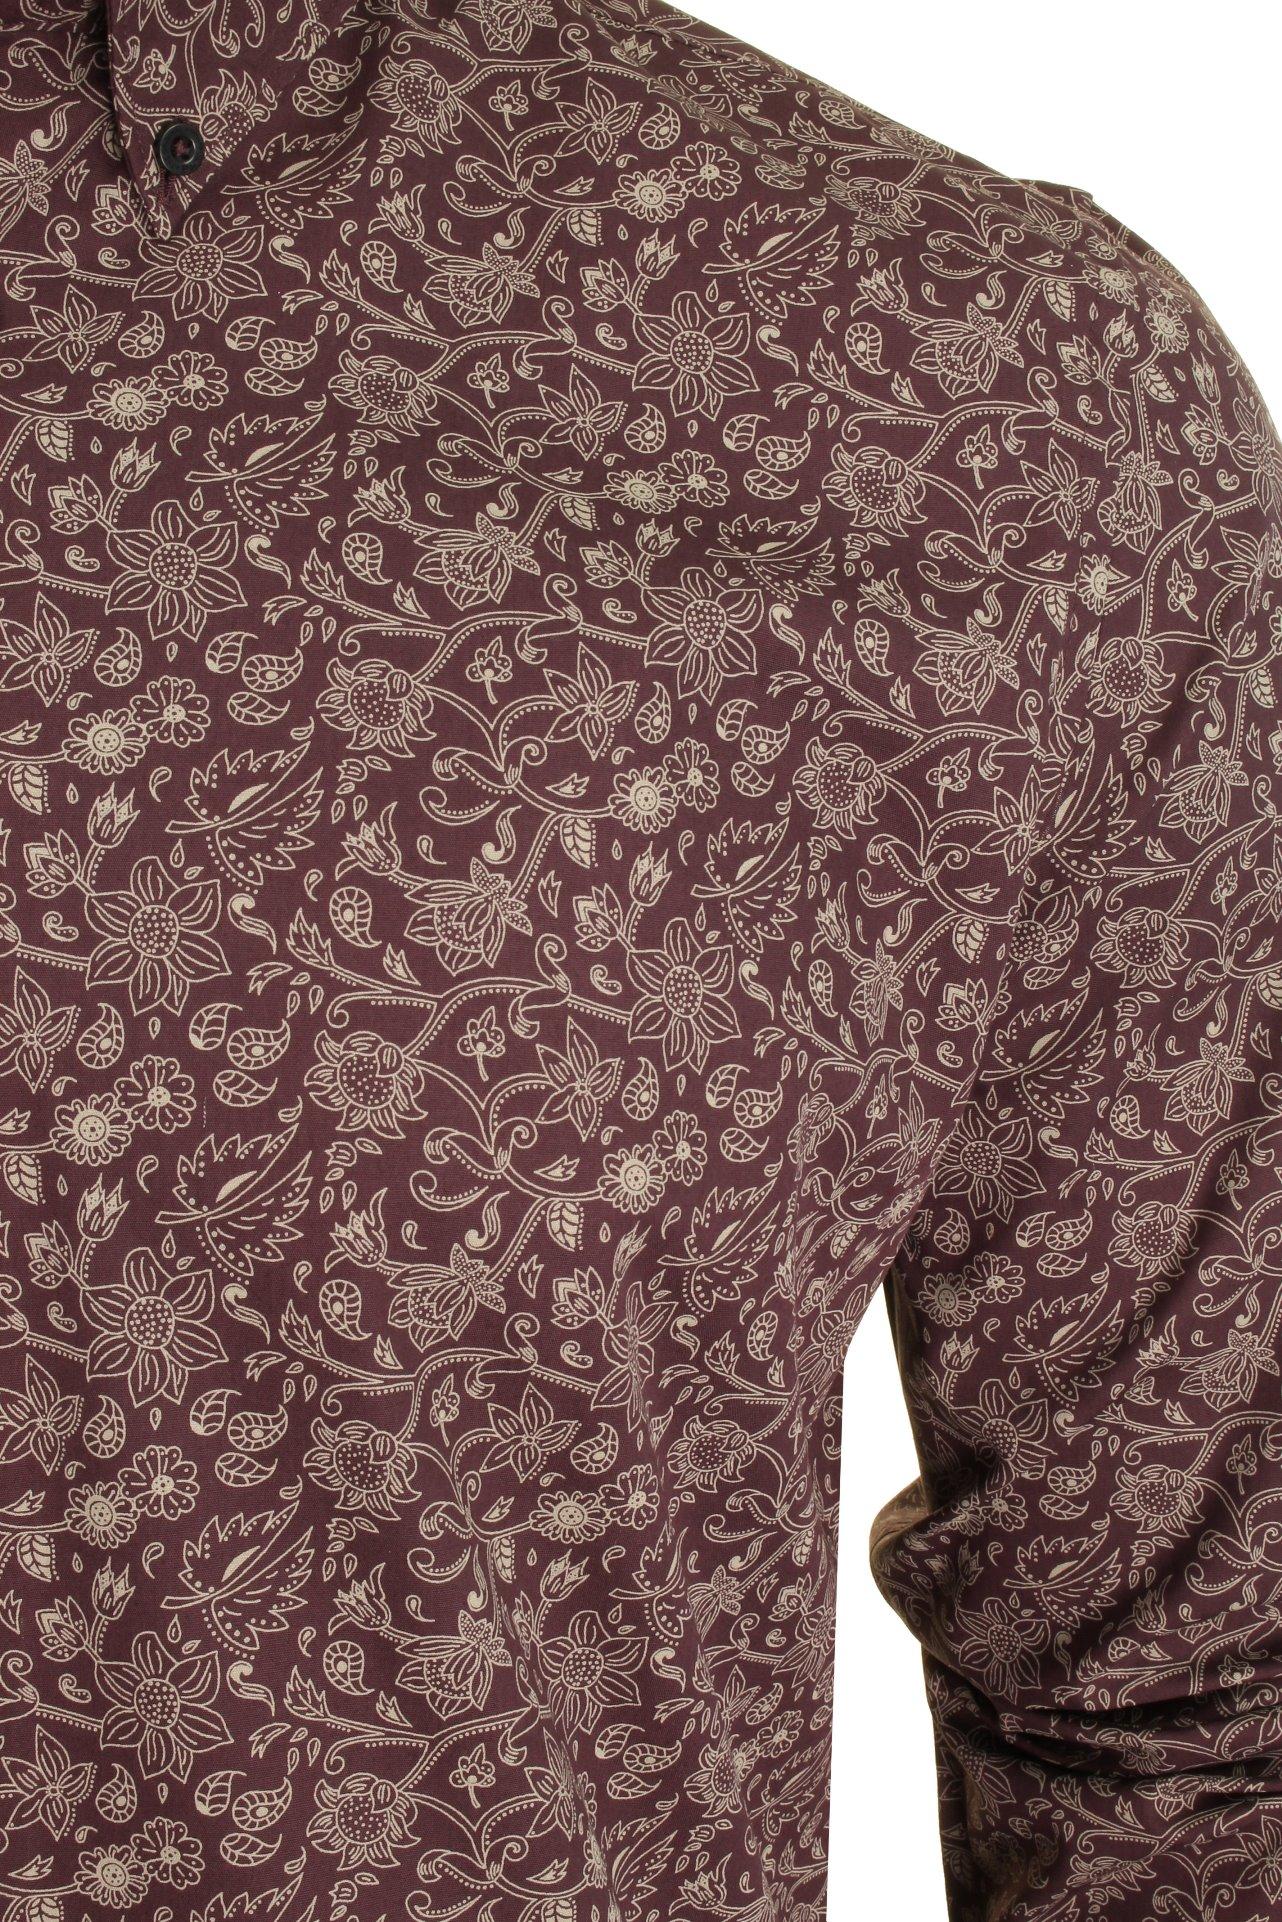 Mens-Ben-Sherman-Long-Sleeved-Shirt-Baroque-Floral thumbnail 3